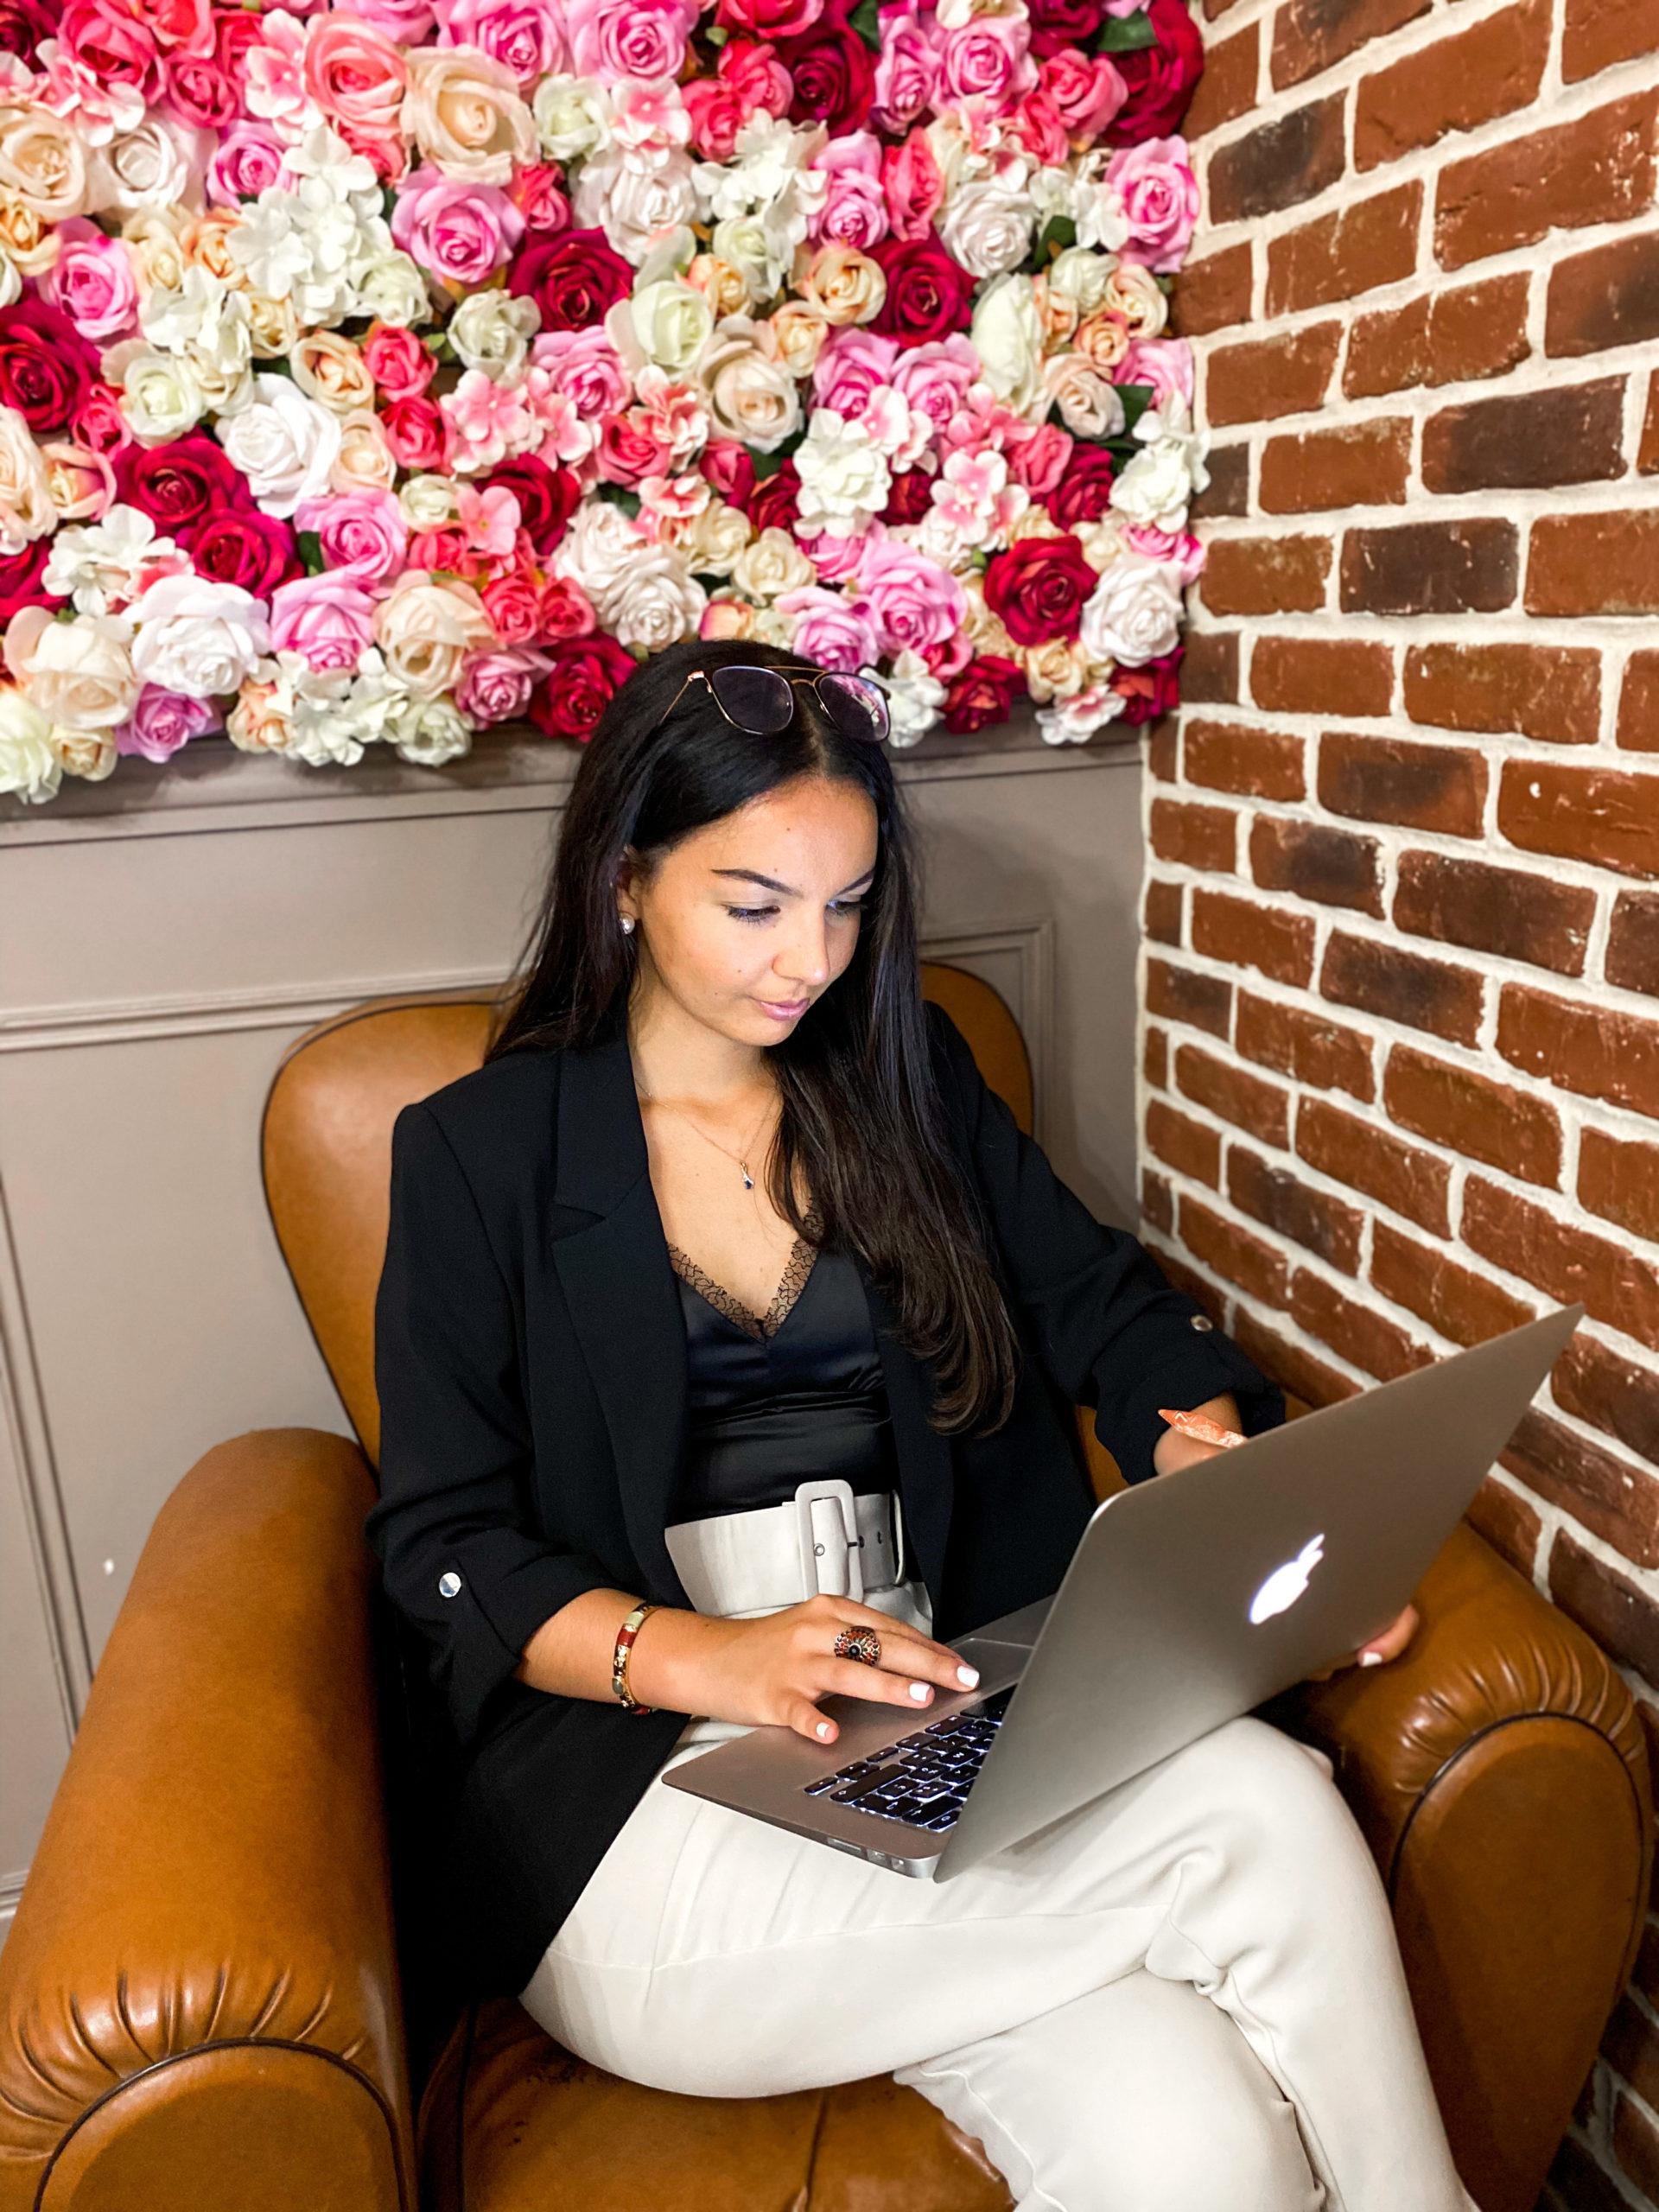 marketing digitale agence digitale communication réseaux sociaux SEO consulting